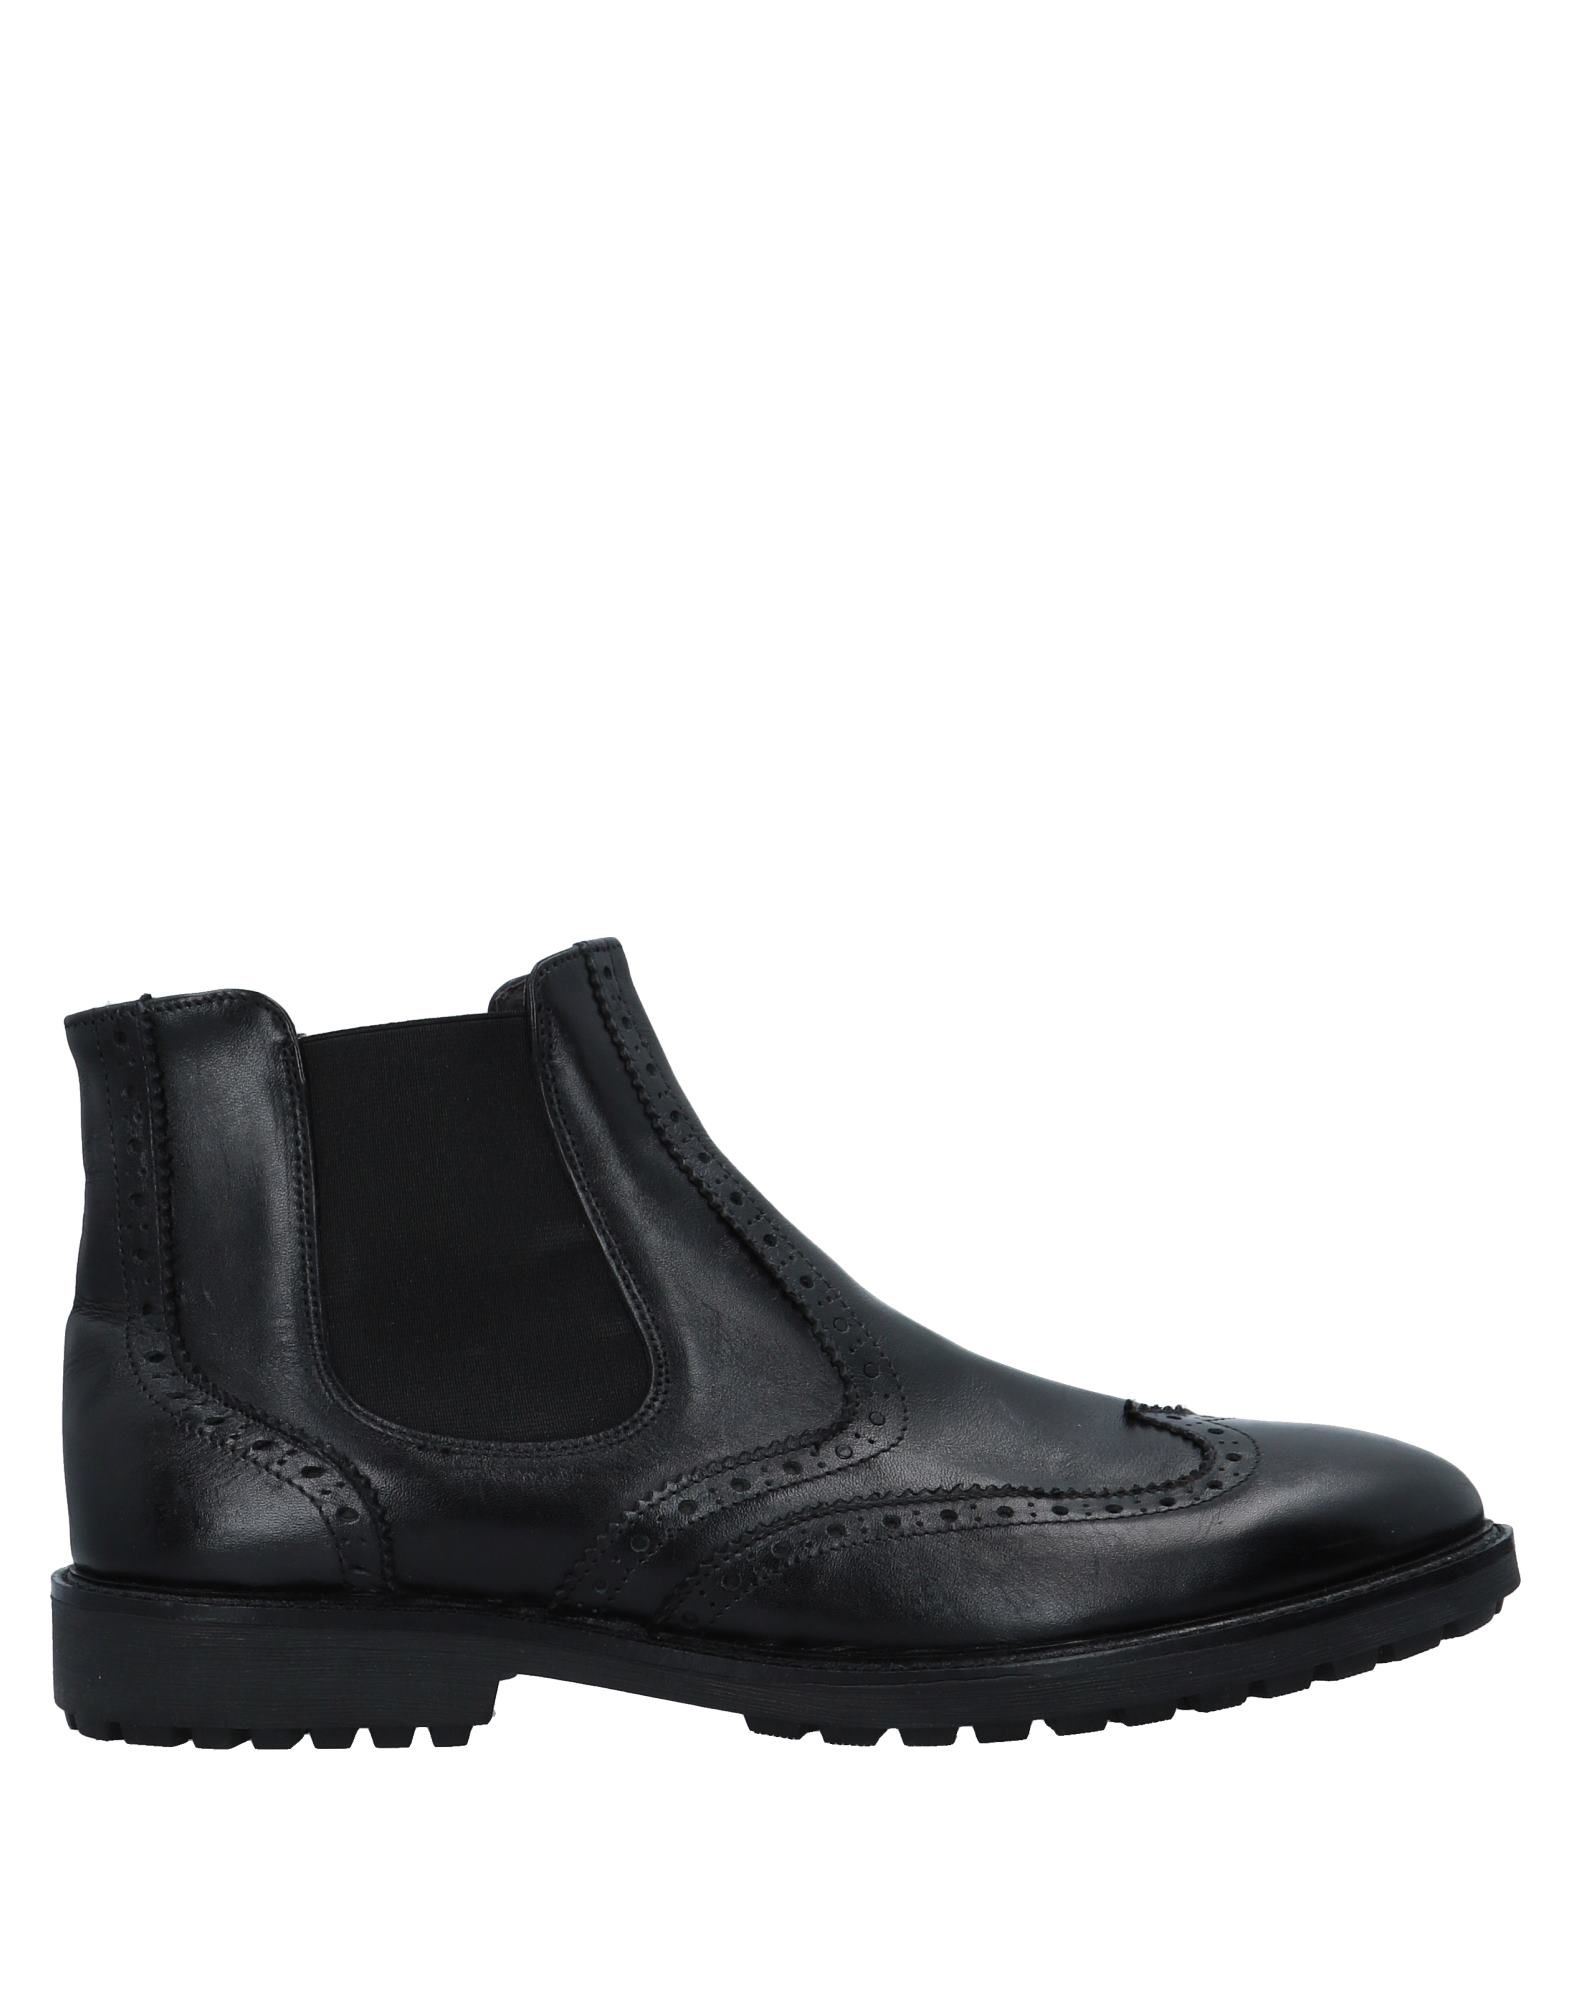 LIU •JO MAN Полусапоги и высокие ботинки цены онлайн